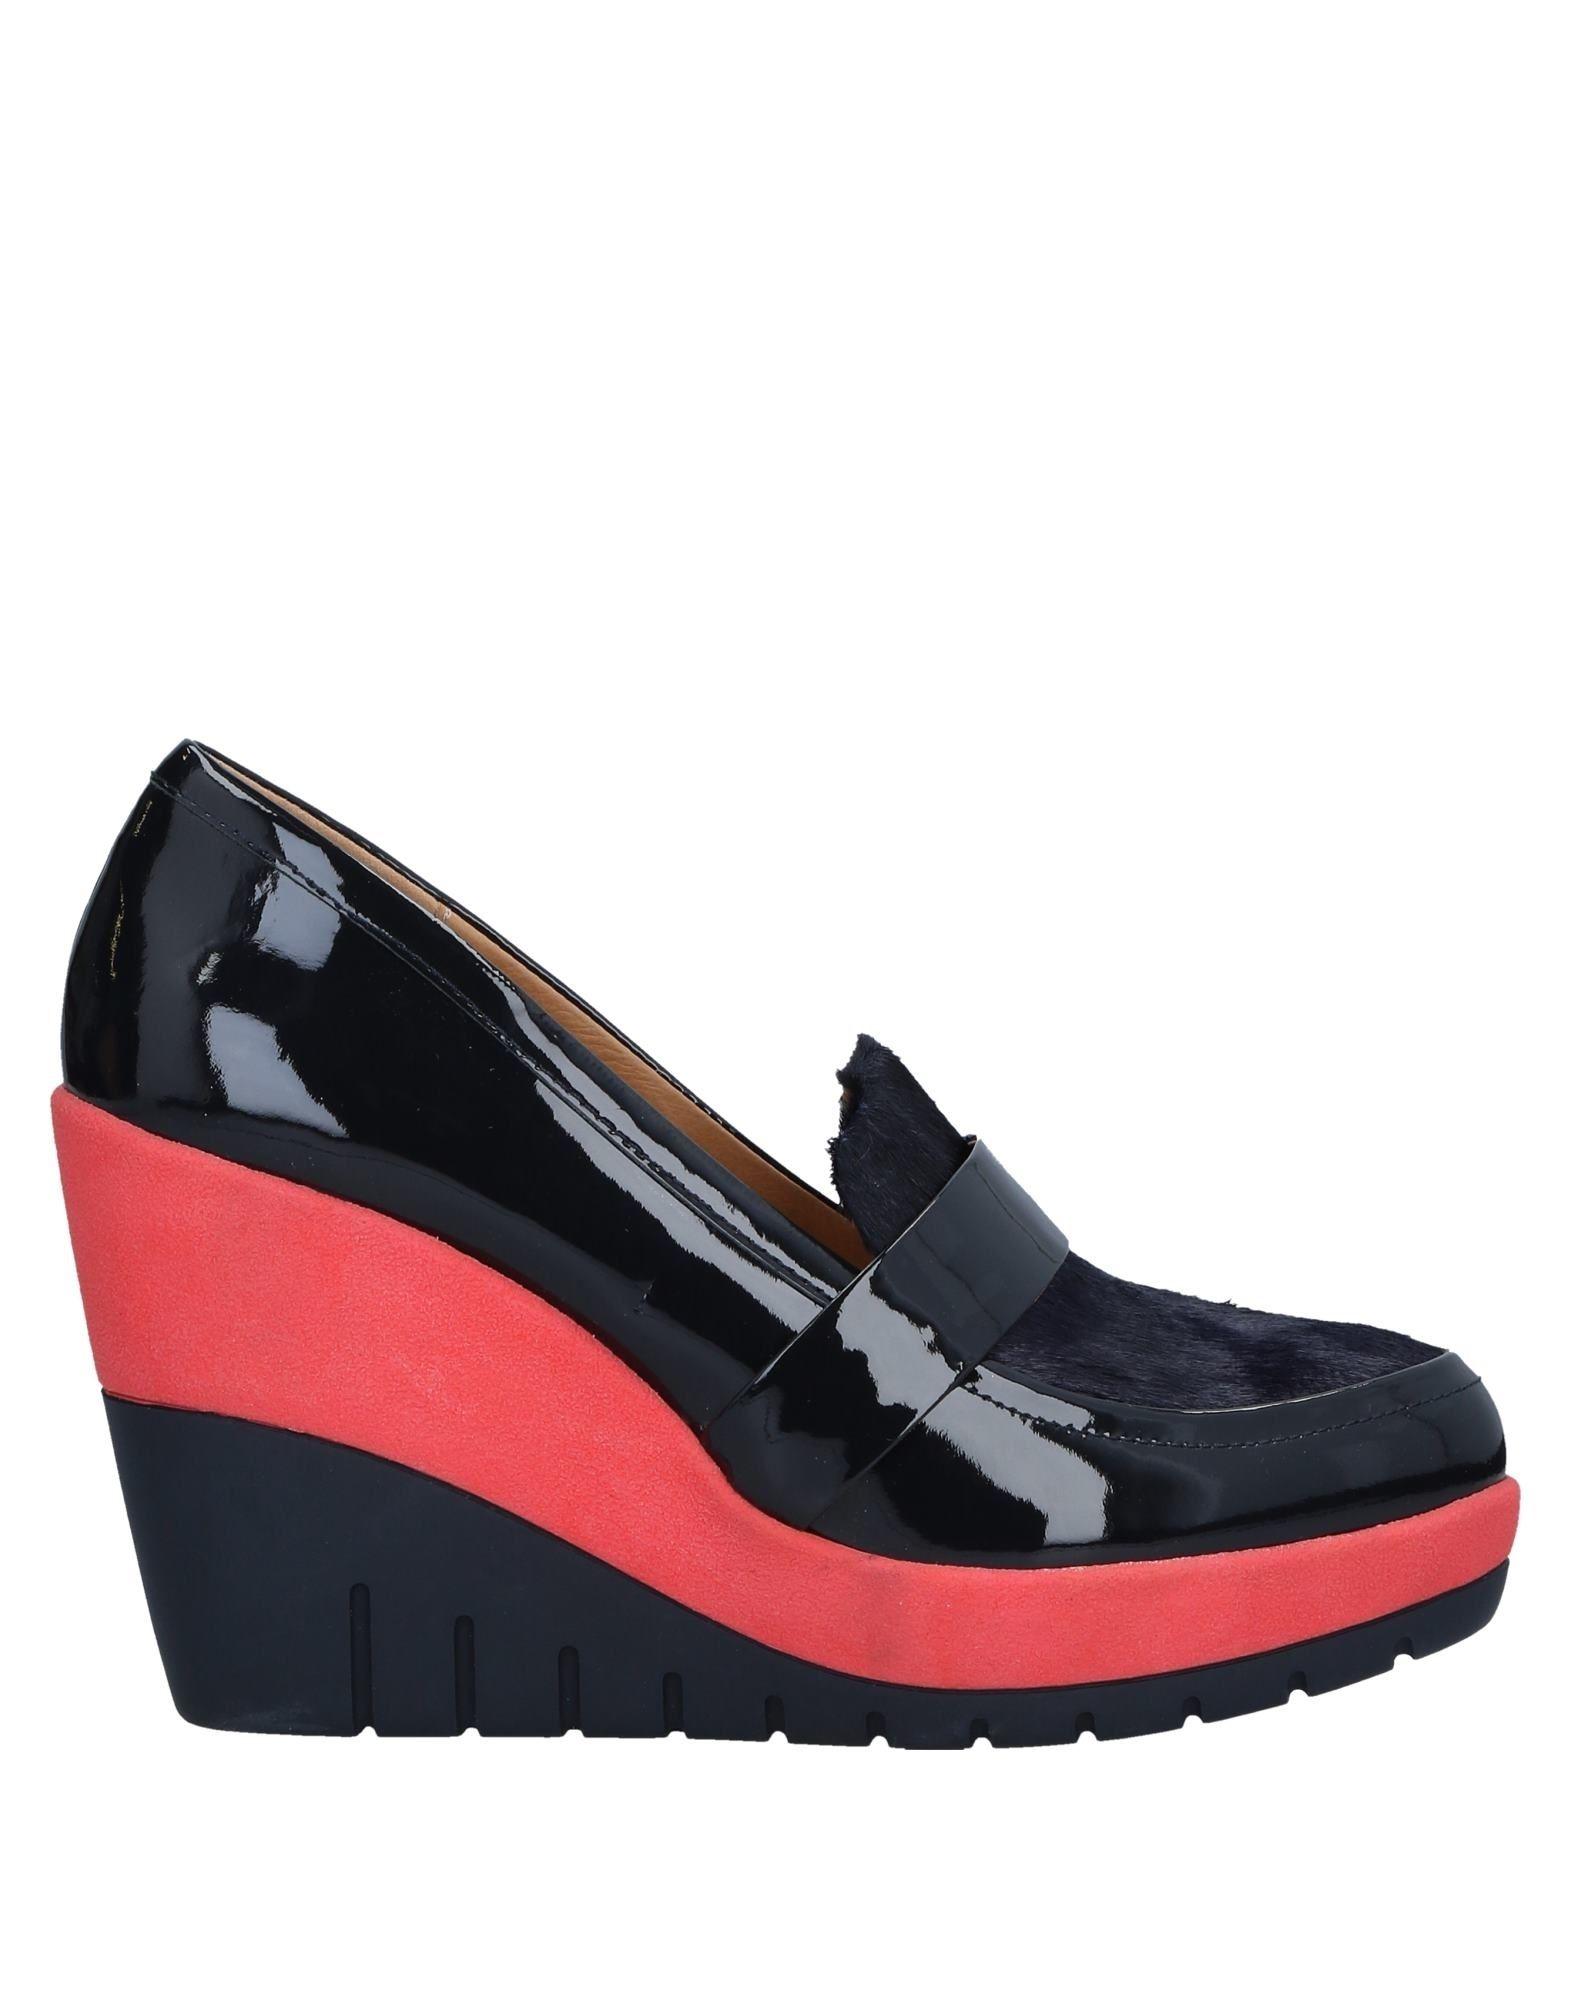 United Nude Mokassins Damen  11535492KU Gute Qualität beliebte Schuhe